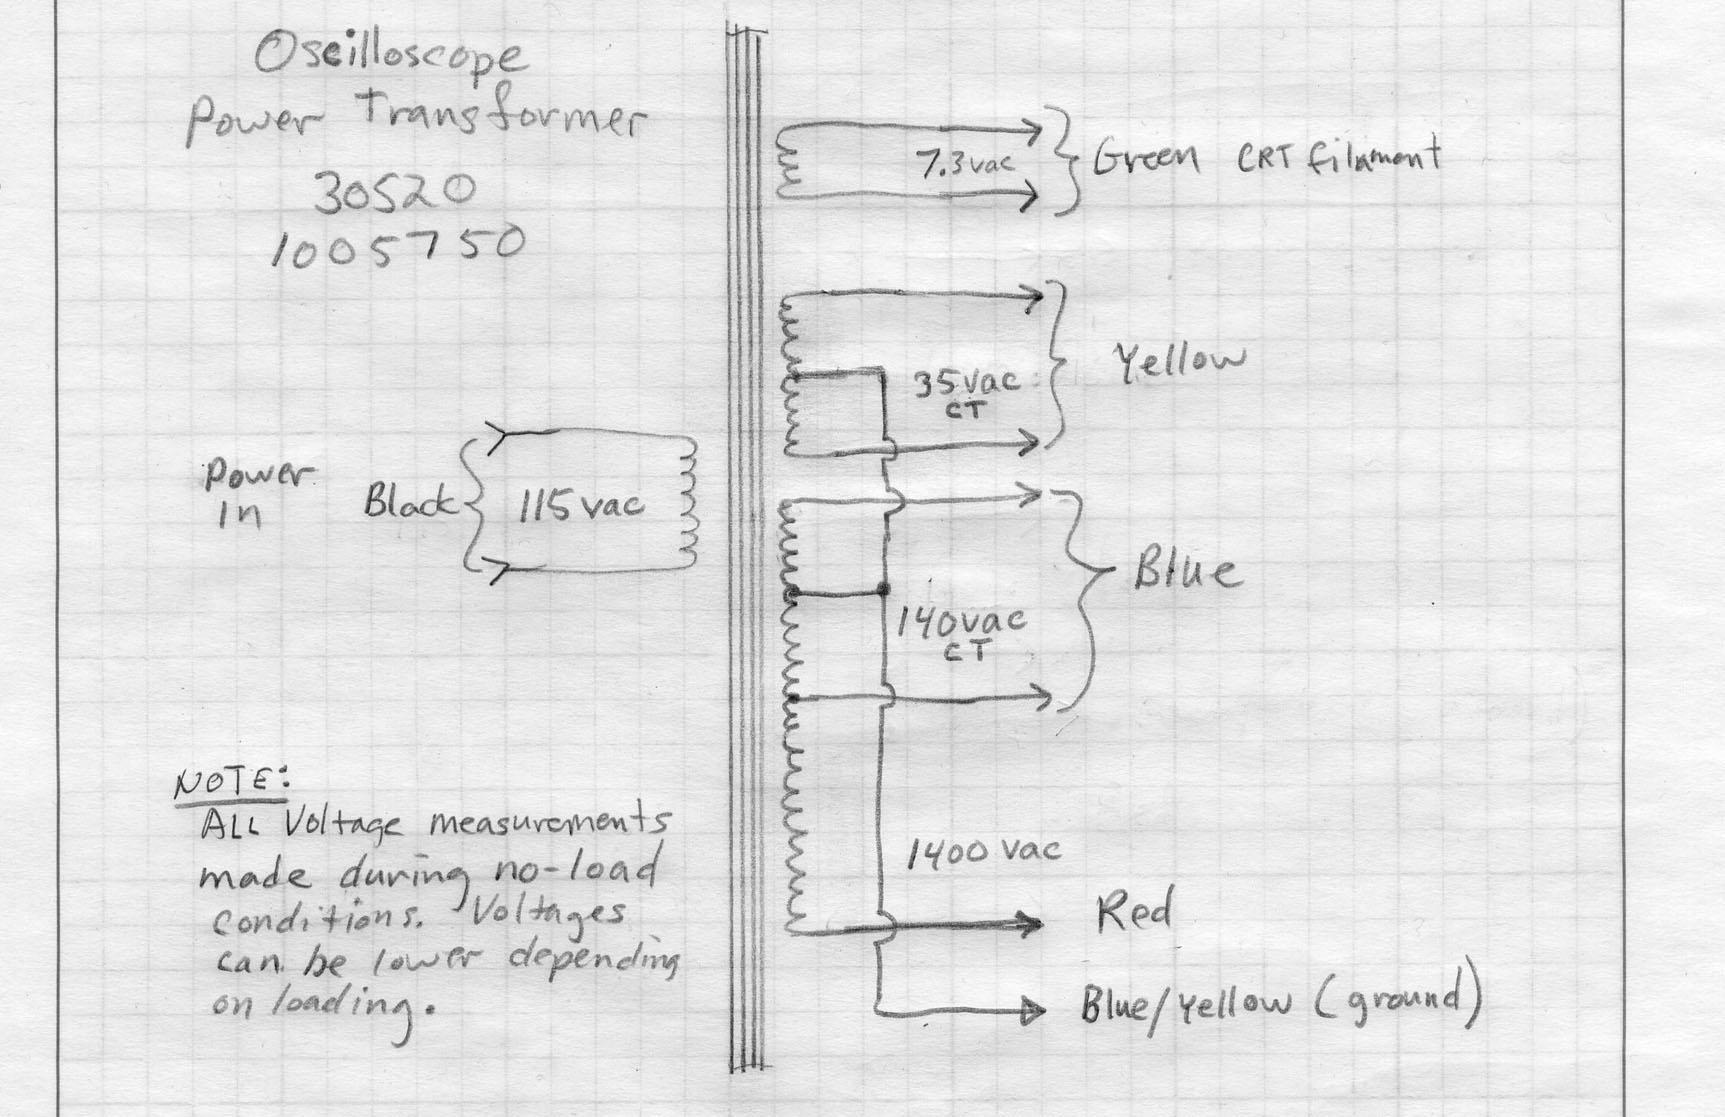 Oscilloscope Power Transformer V 140vct 35vct 7 3v